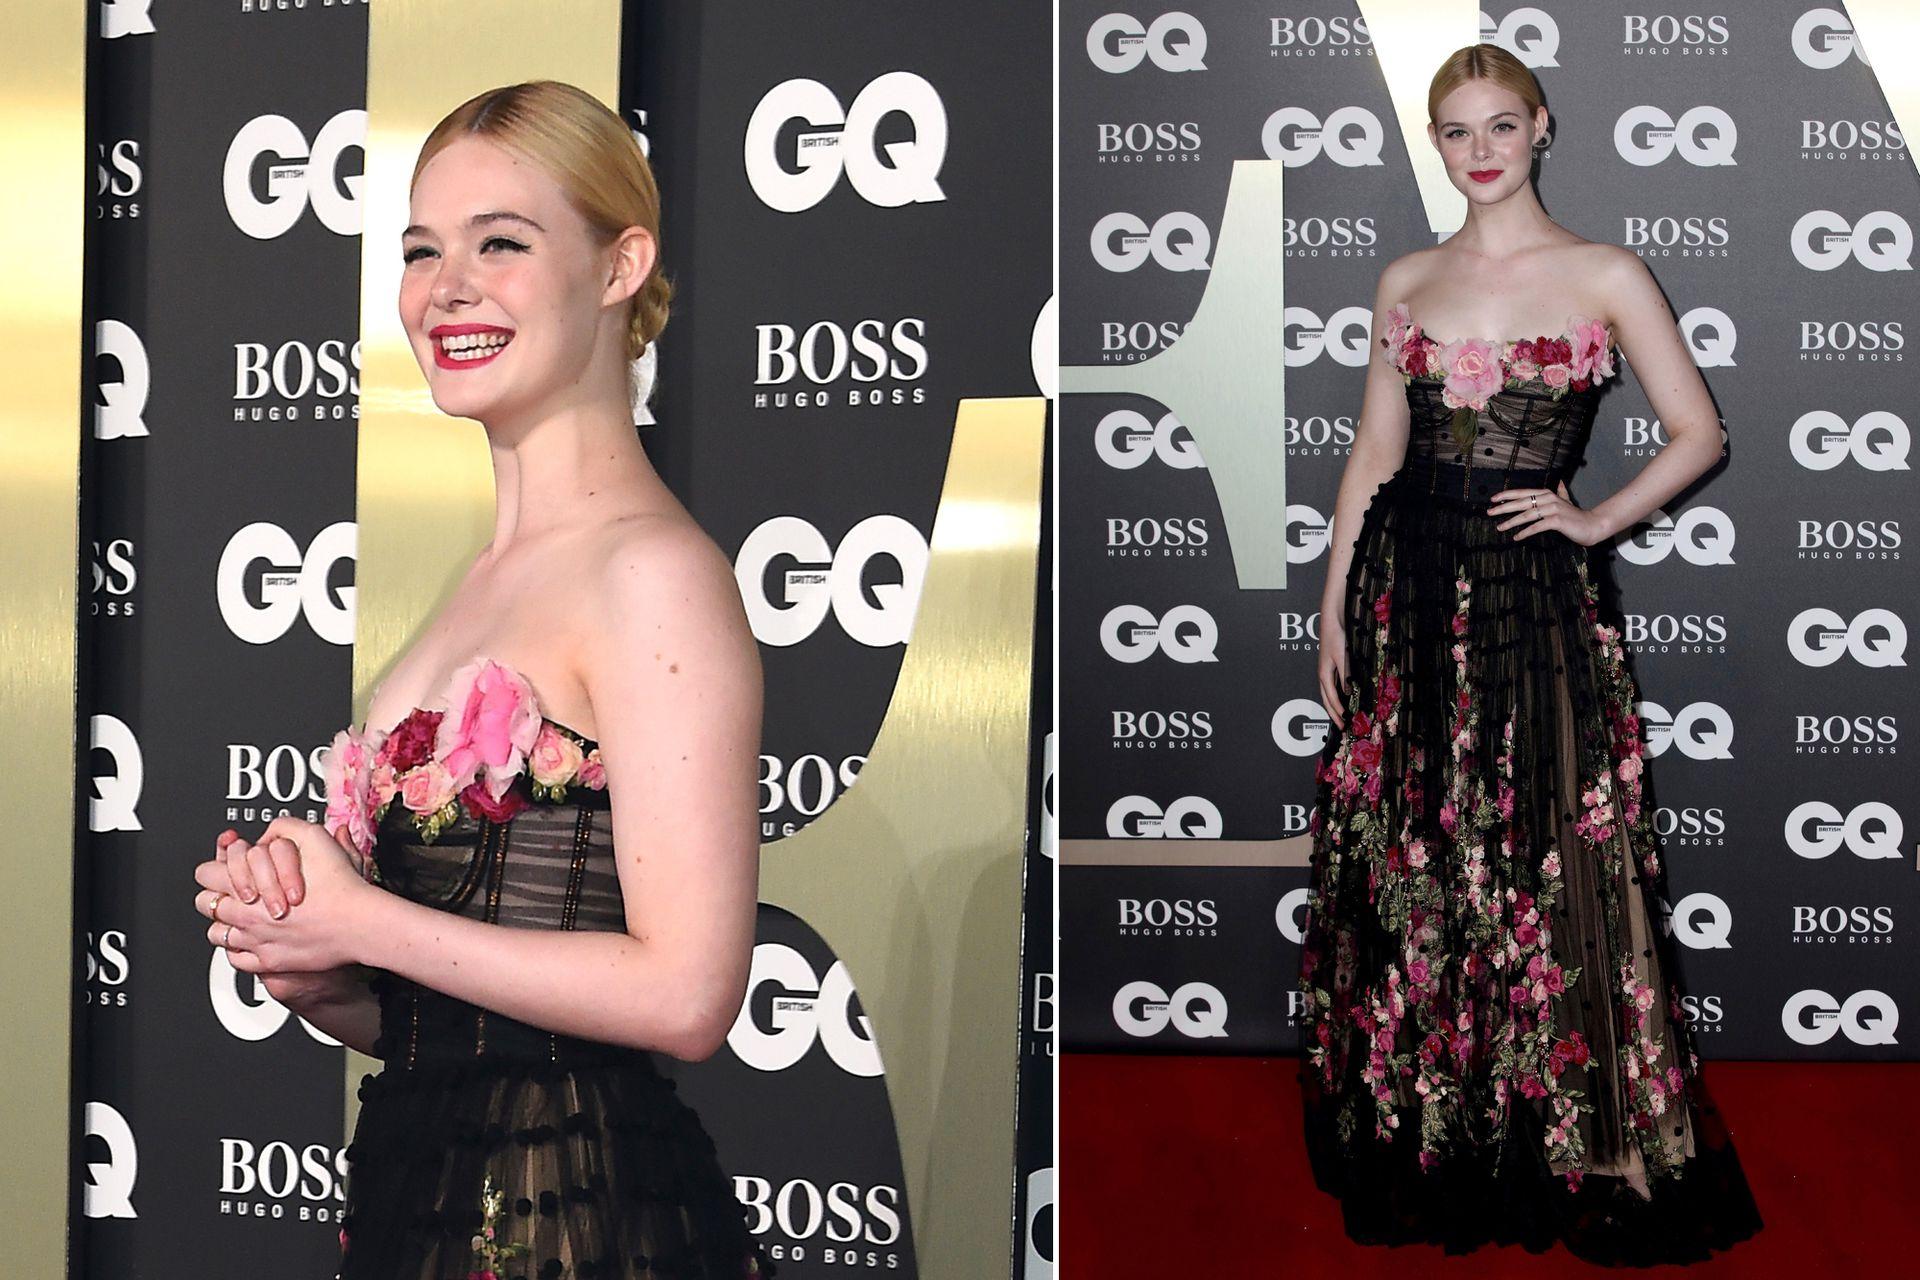 Para la gala de los GQ Men Of The Year Awards 2019, Elle Fanning eligió un romántico diseño en negro con detalles florales, de Dolce and Gabbana